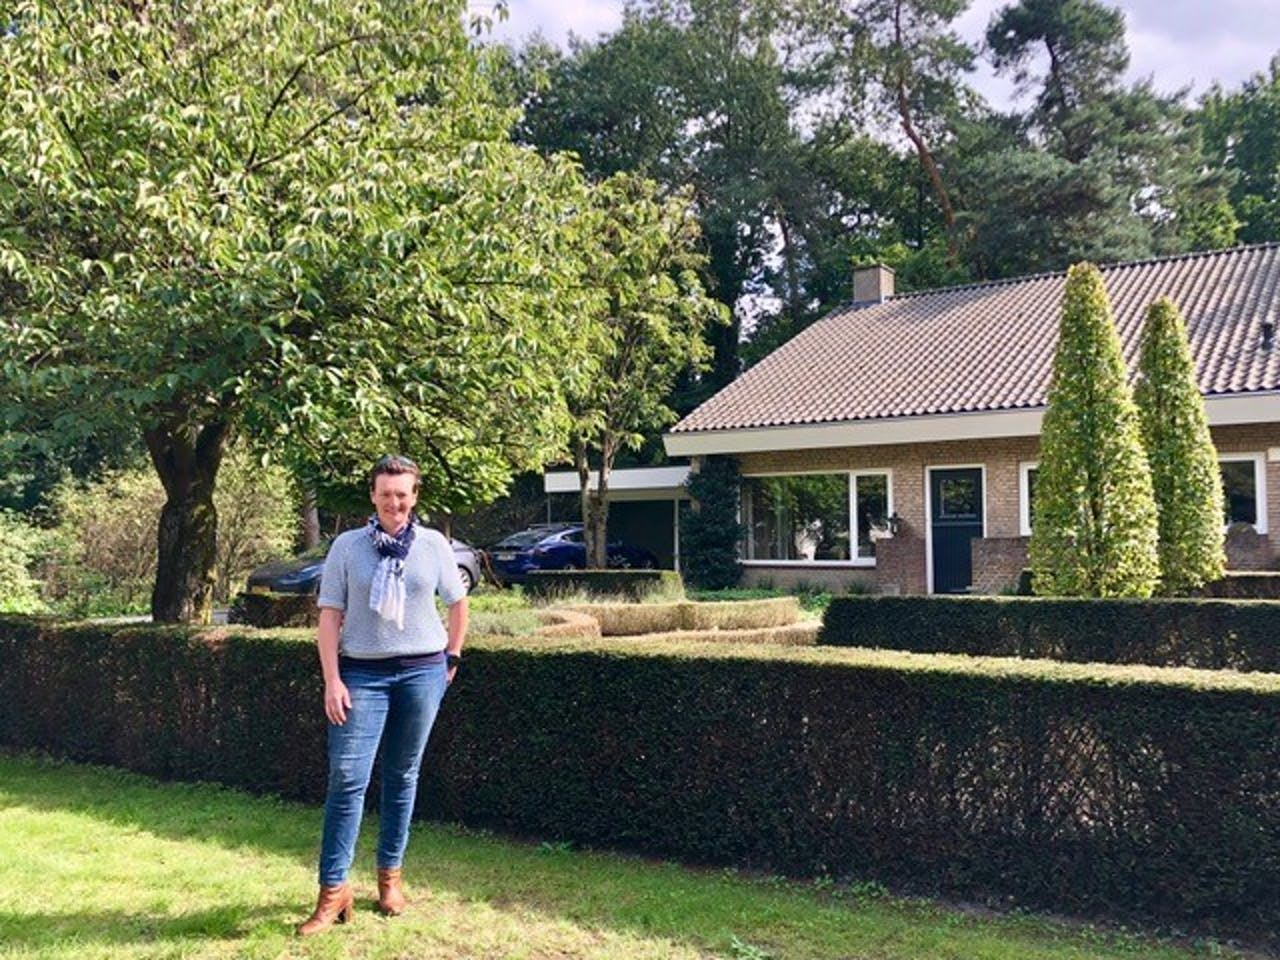 Anna van Puijenbroek voor haar woning in Turnhout